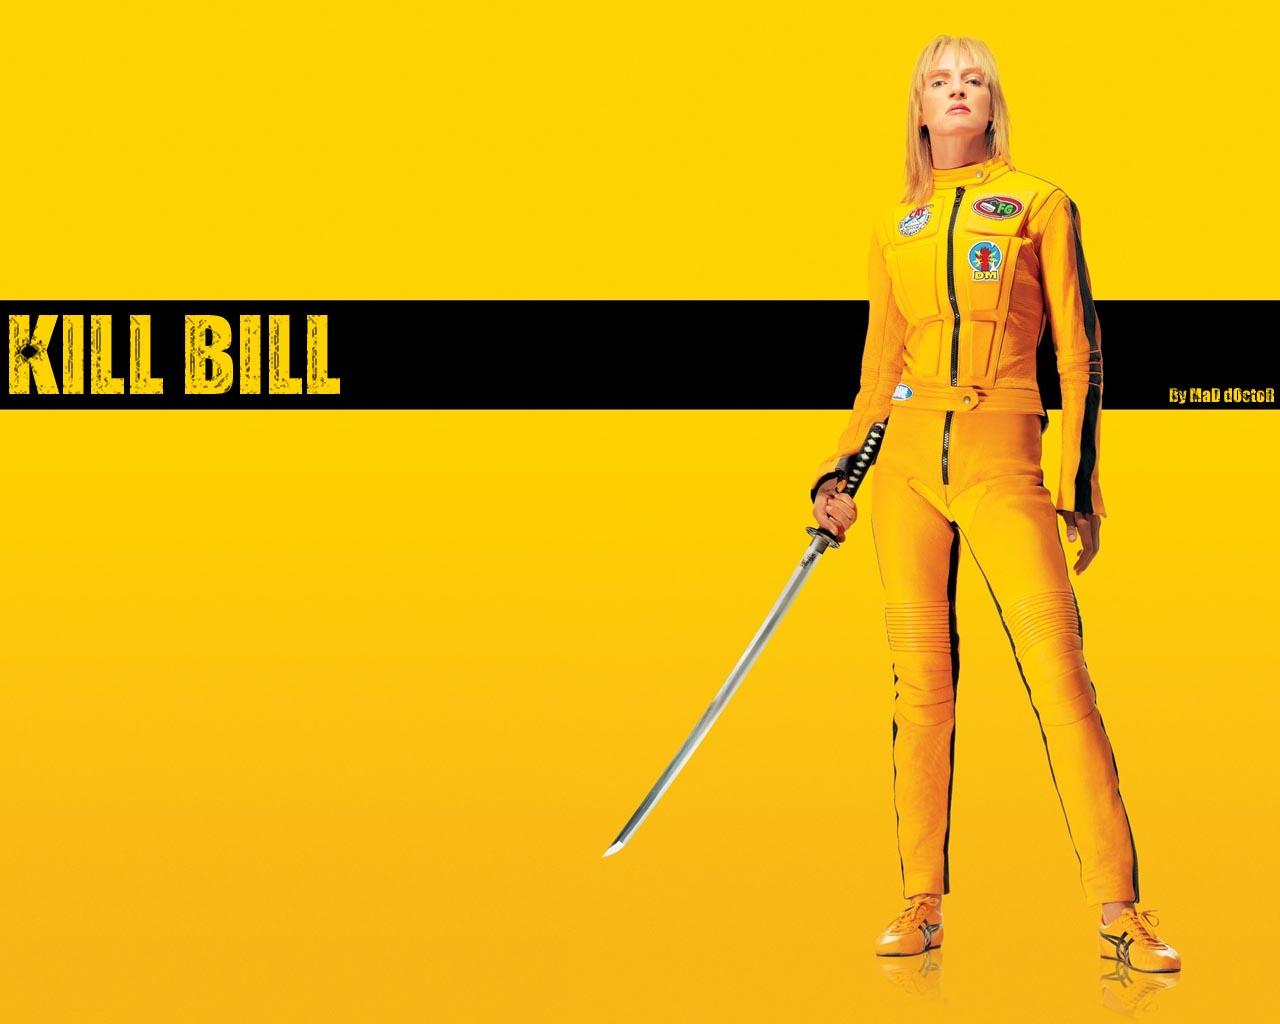 http://4.bp.blogspot.com/-BoQ4m22Mb3Y/UN7eX-Kn1hI/AAAAAAAACh4/3QHidMv-yYU/s1600/kill_bill_19.jpg